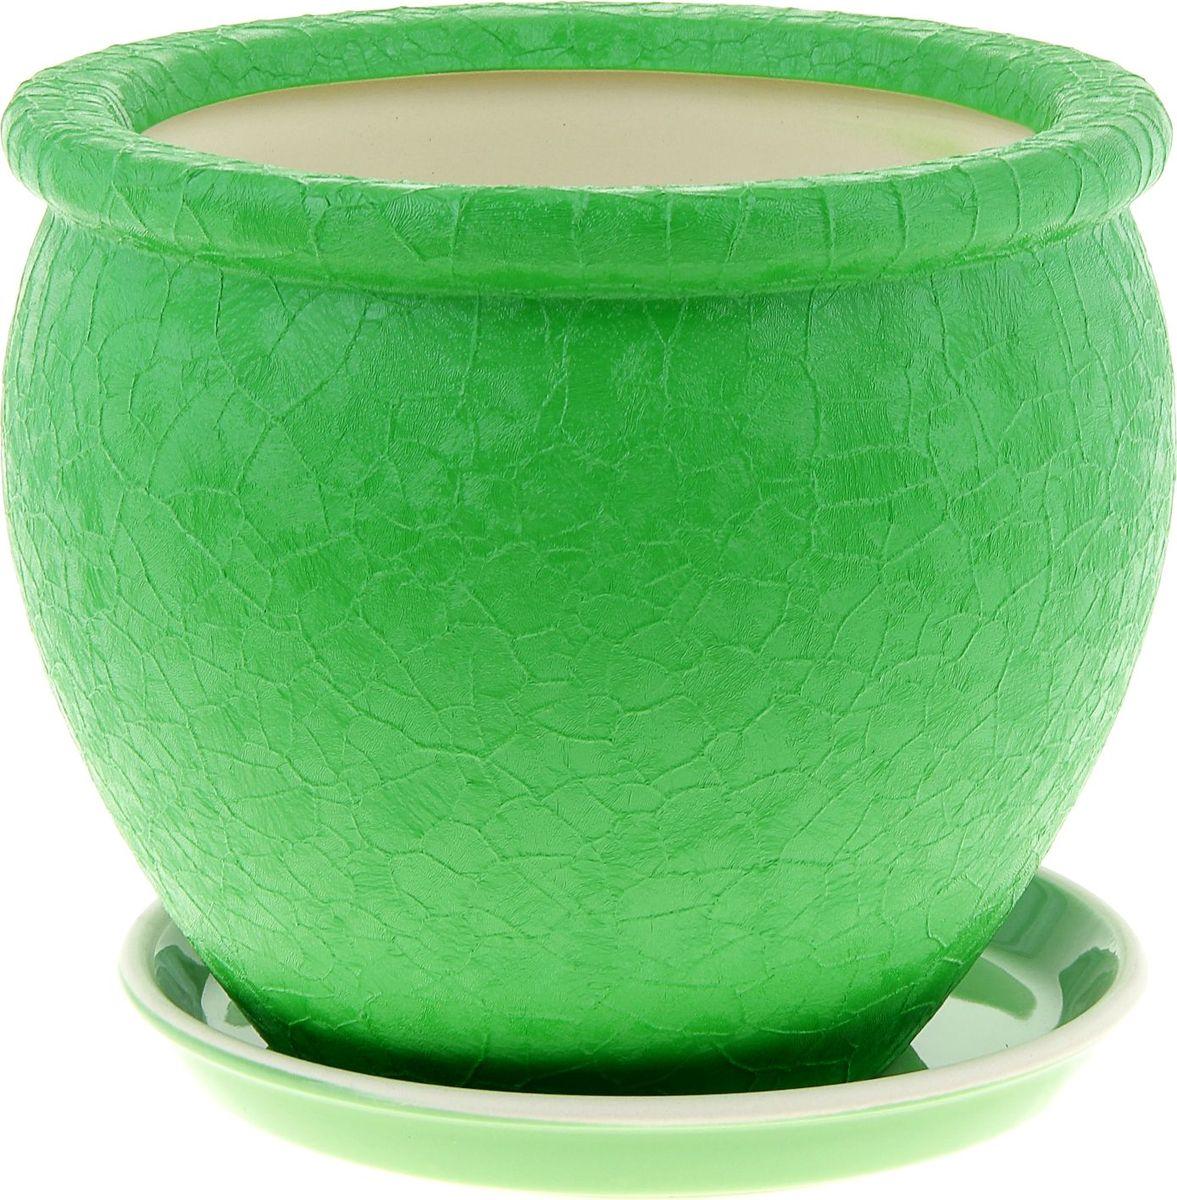 Кашпо Керамика ручной работы Вьетнам, цвет: зеленый, 5 л835661Комнатные растения — всеобщие любимцы. Они радуют глаз, насыщают помещение кислородом и украшают пространство. Каждому из них необходим свой удобный и красивый дом. Кашпо из керамики прекрасно подходят для высадки растений: за счет пластичности глины и разных способов обработки существует великое множество форм и дизайнов пористый материал позволяет испаряться лишней влаге воздух, необходимый для дыхания корней, проникает сквозь керамические стенки! позаботится о зеленом питомце, освежит интерьер и подчеркнет его стиль.